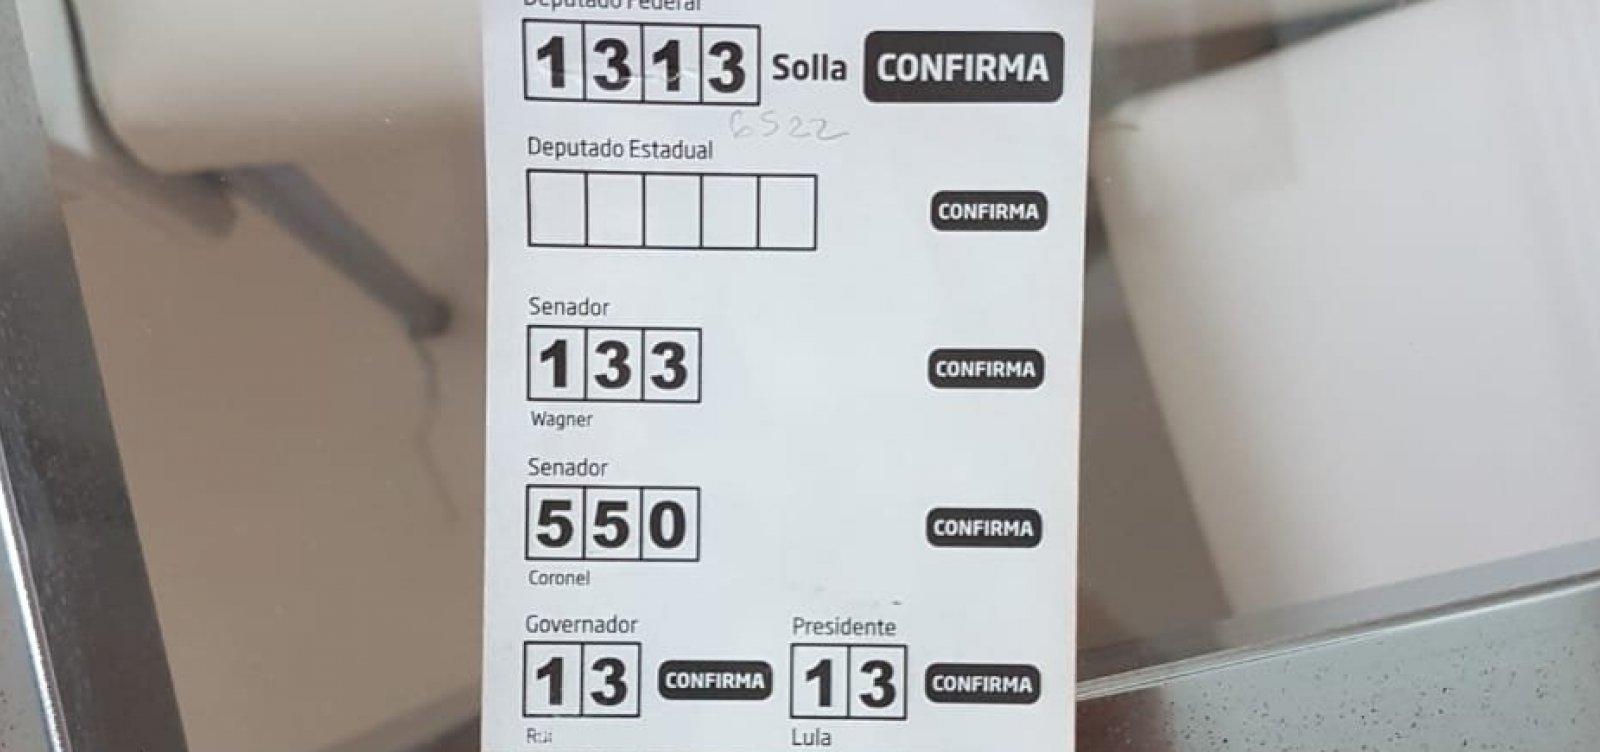 Santinho de Solla tem números errados de Wagner e Coronel